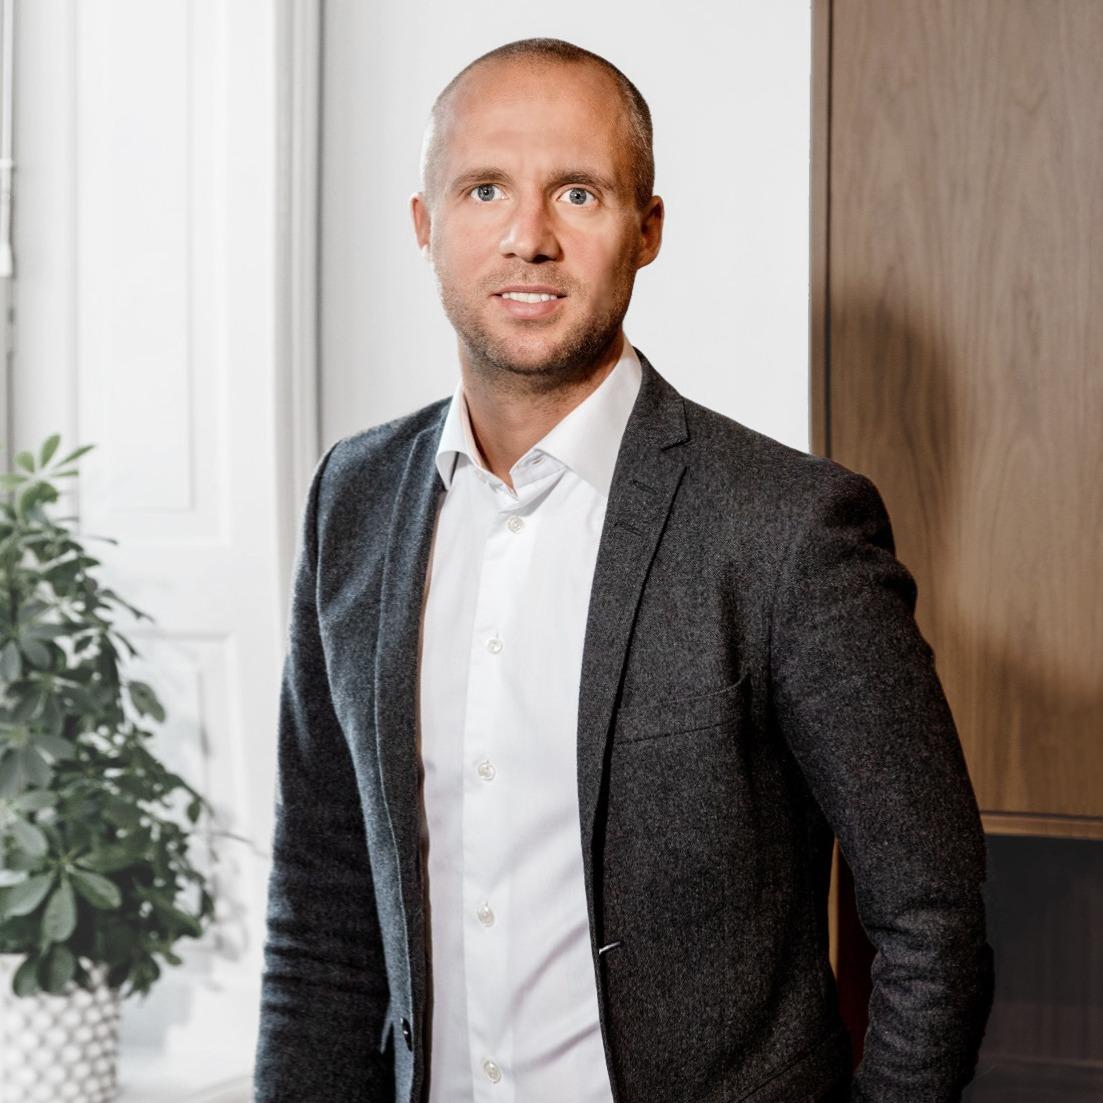 Nicklas Tehler